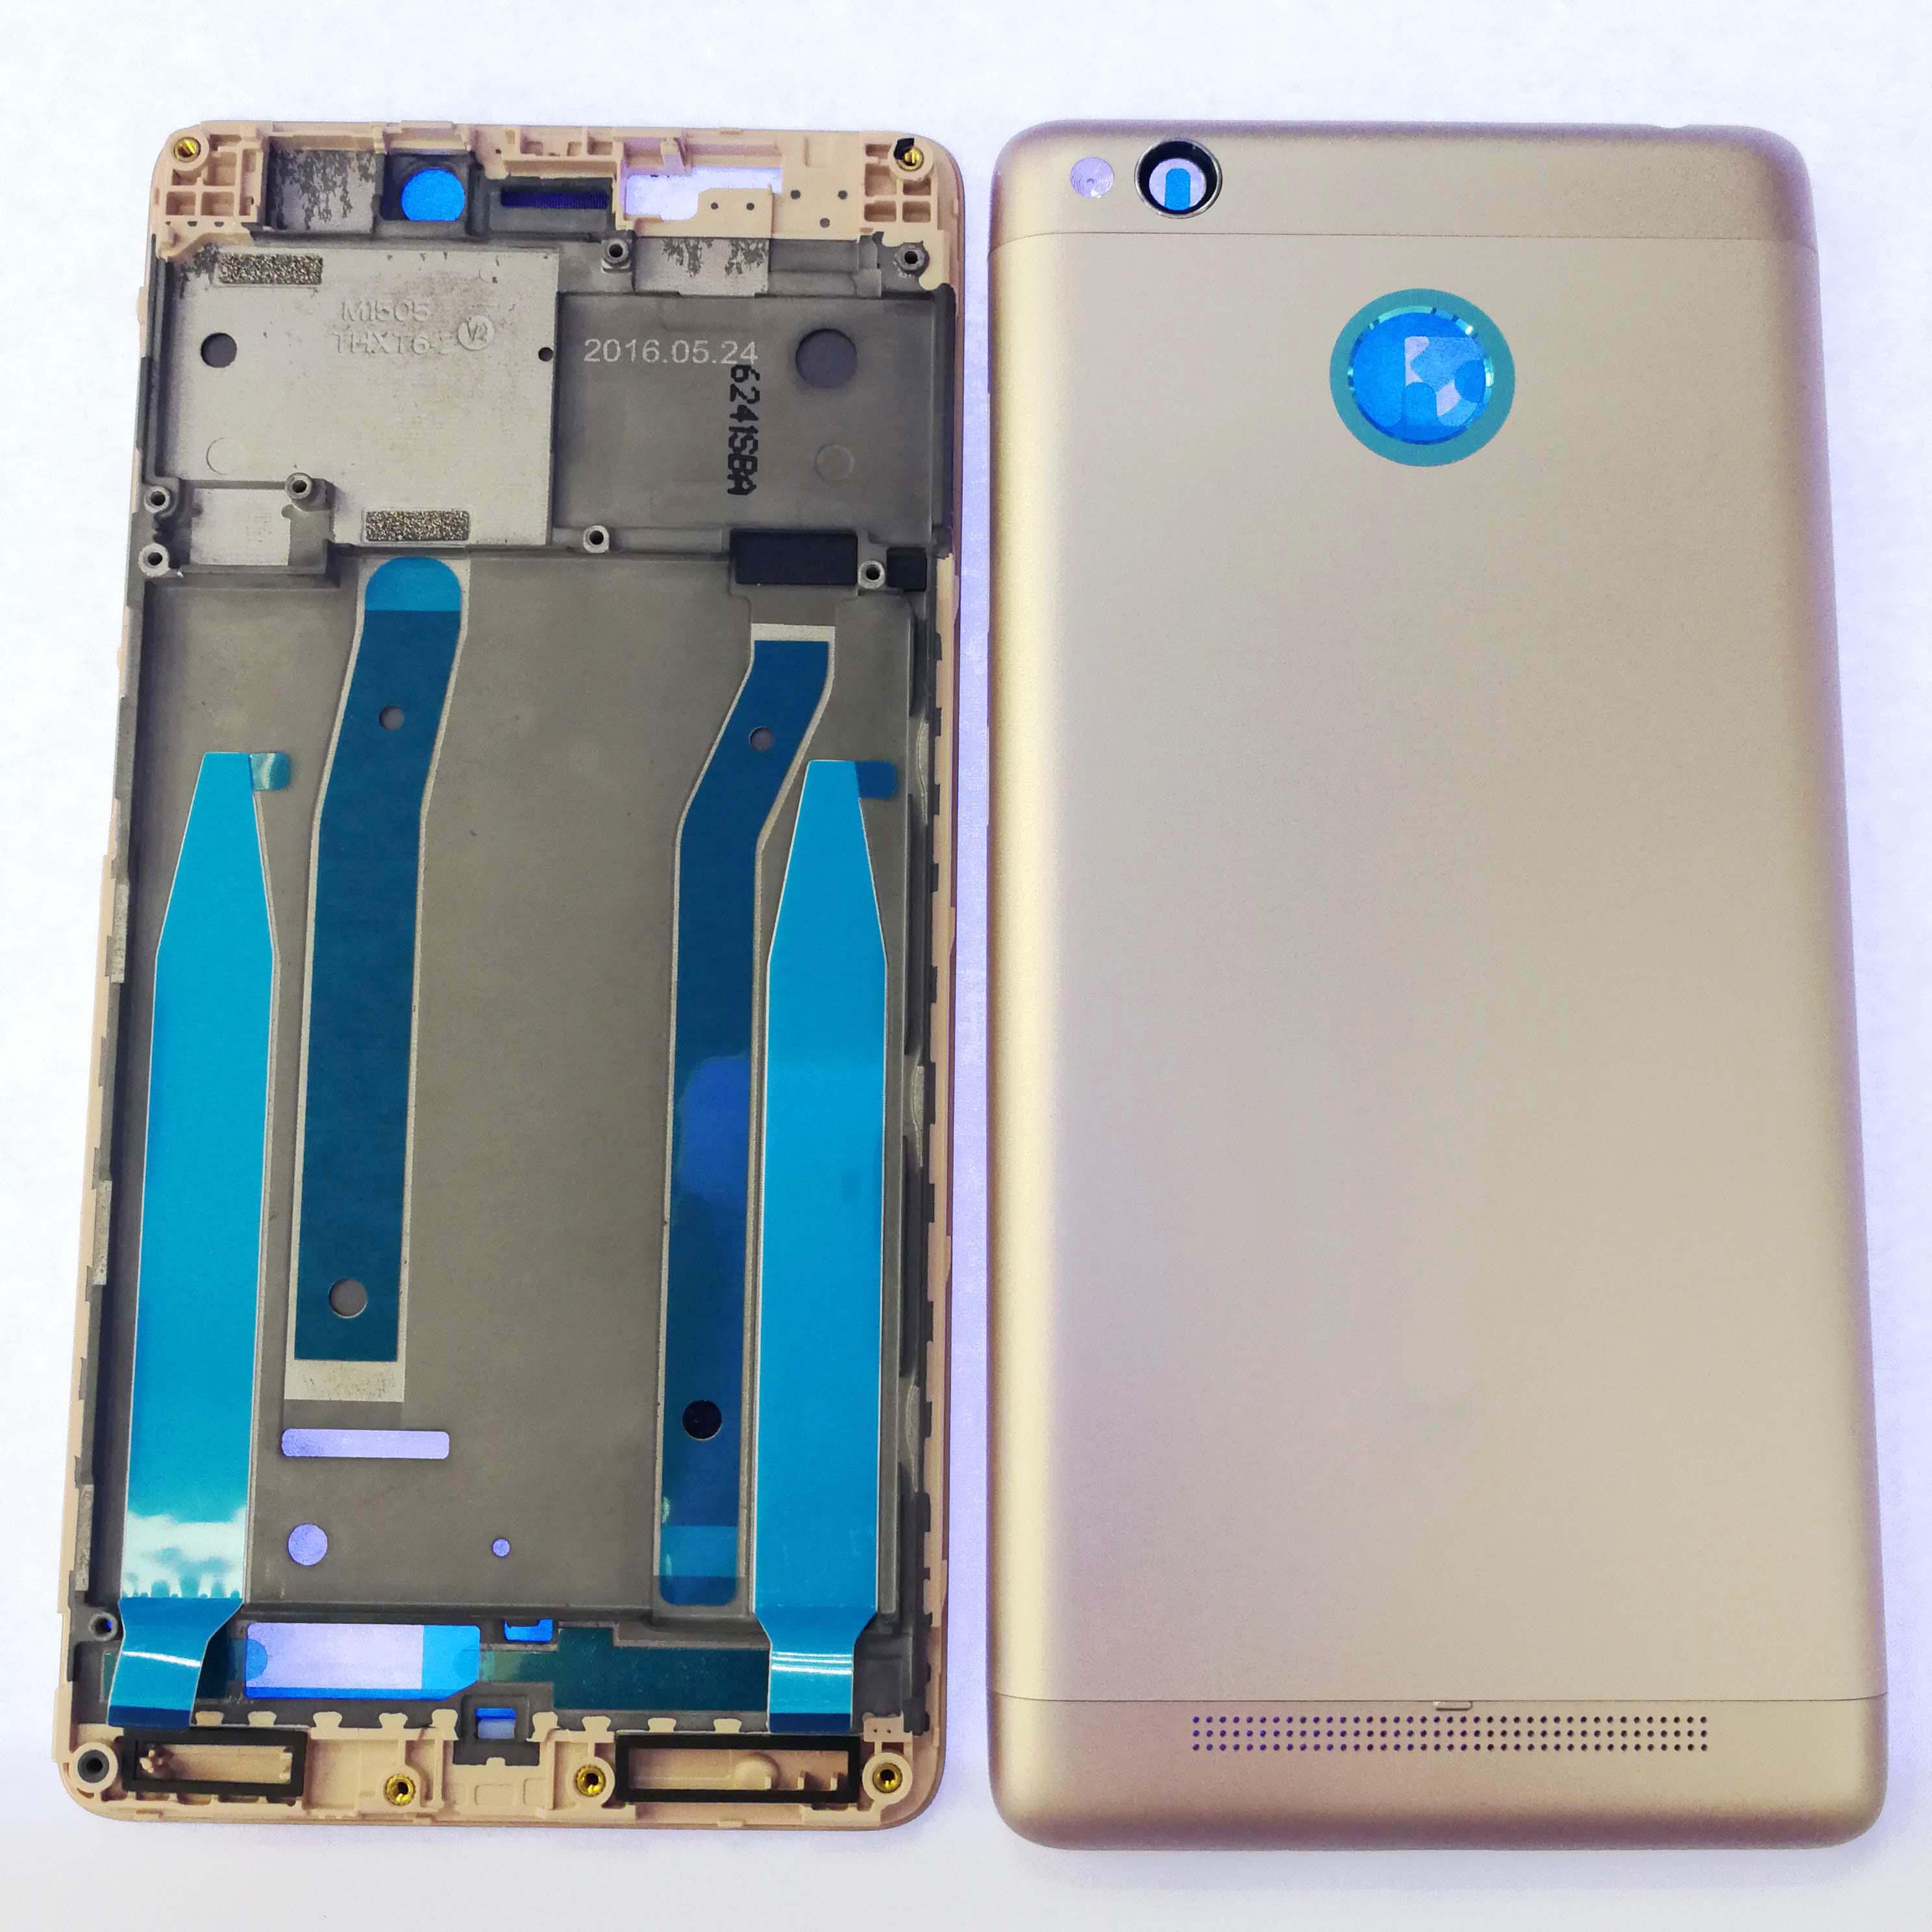 imágenes para Para Xiaomi Redmi 3, 3 S, 3 Pro Completo Trasero de Vivienda Volver Batería cubierta de la Puerta + LCD Frontal Del Bisel Del Capítulo Con El Botón + Sticker